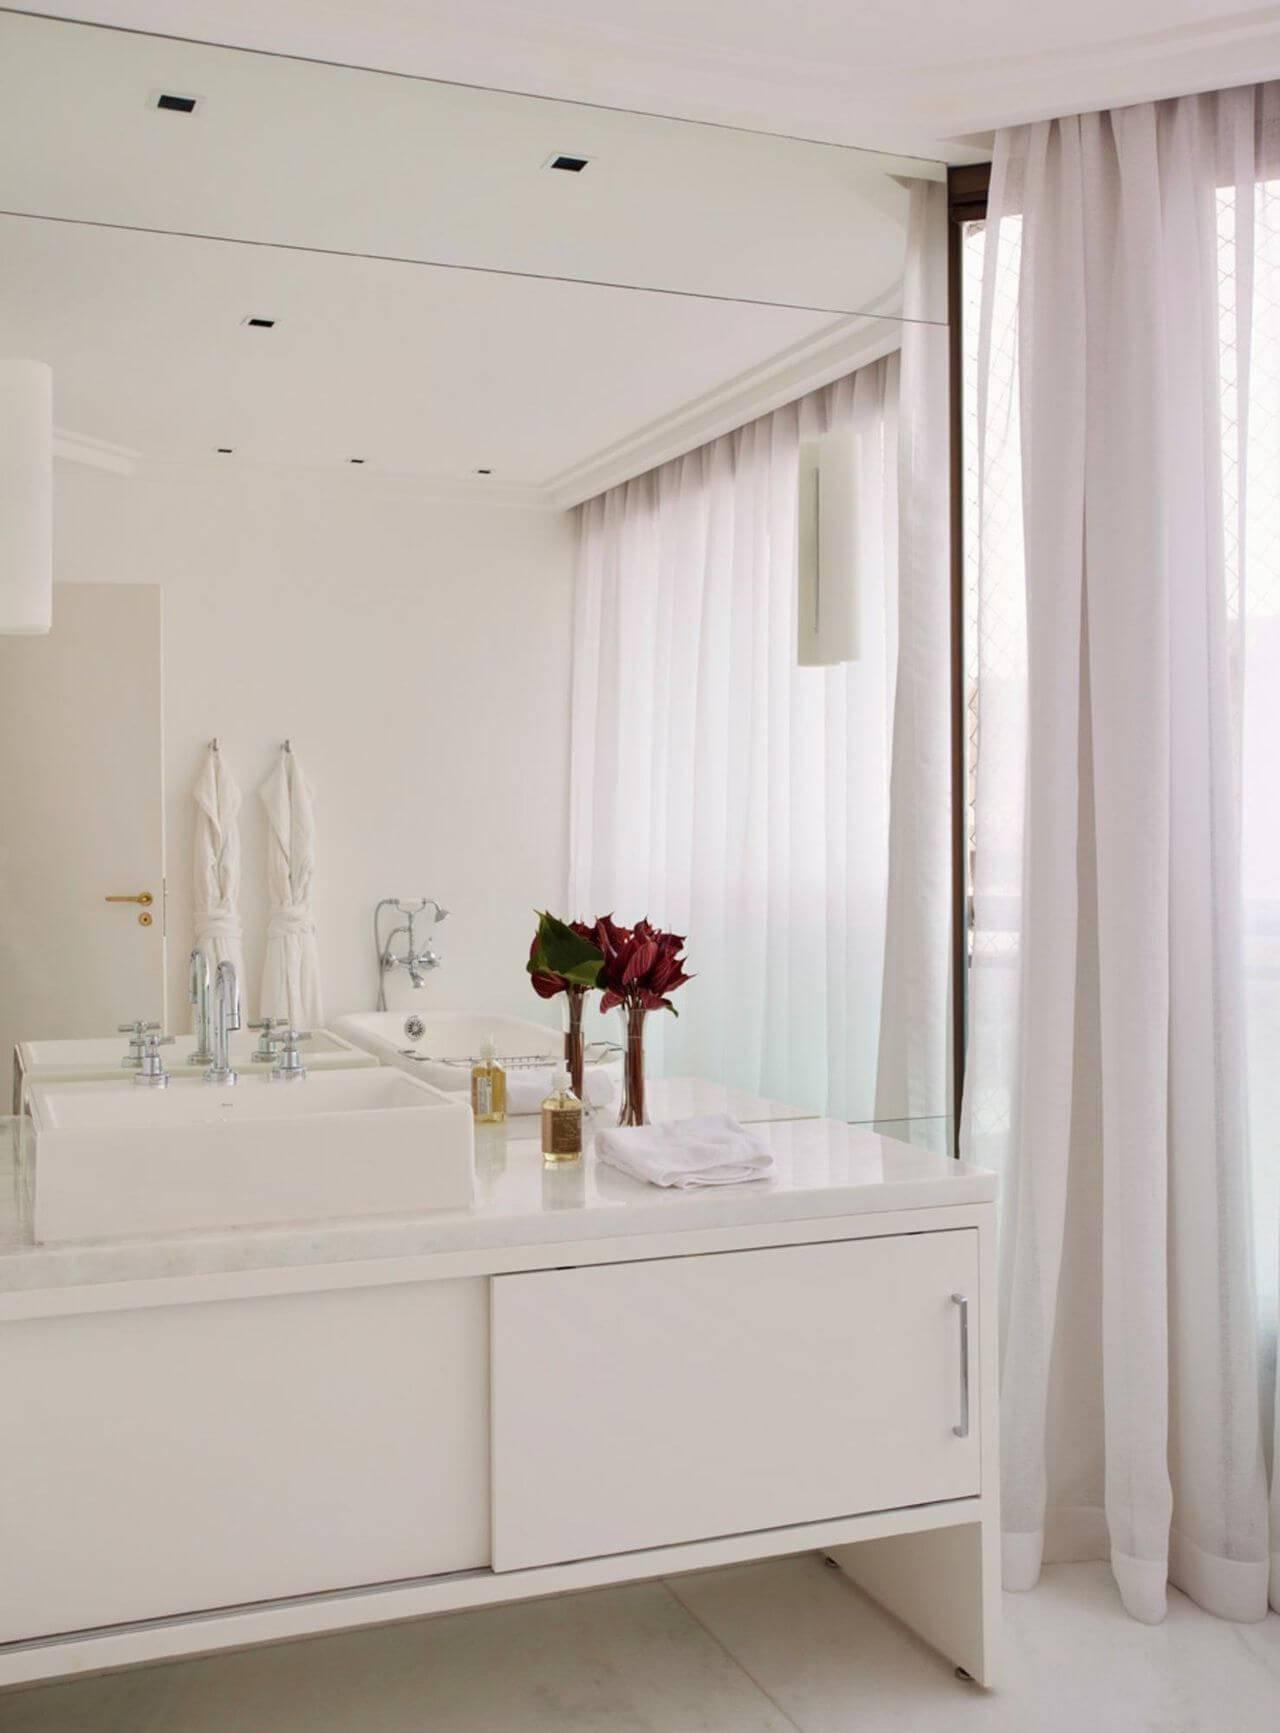 sanca de gesso fechada banheiro branco paulo carvalho 27149